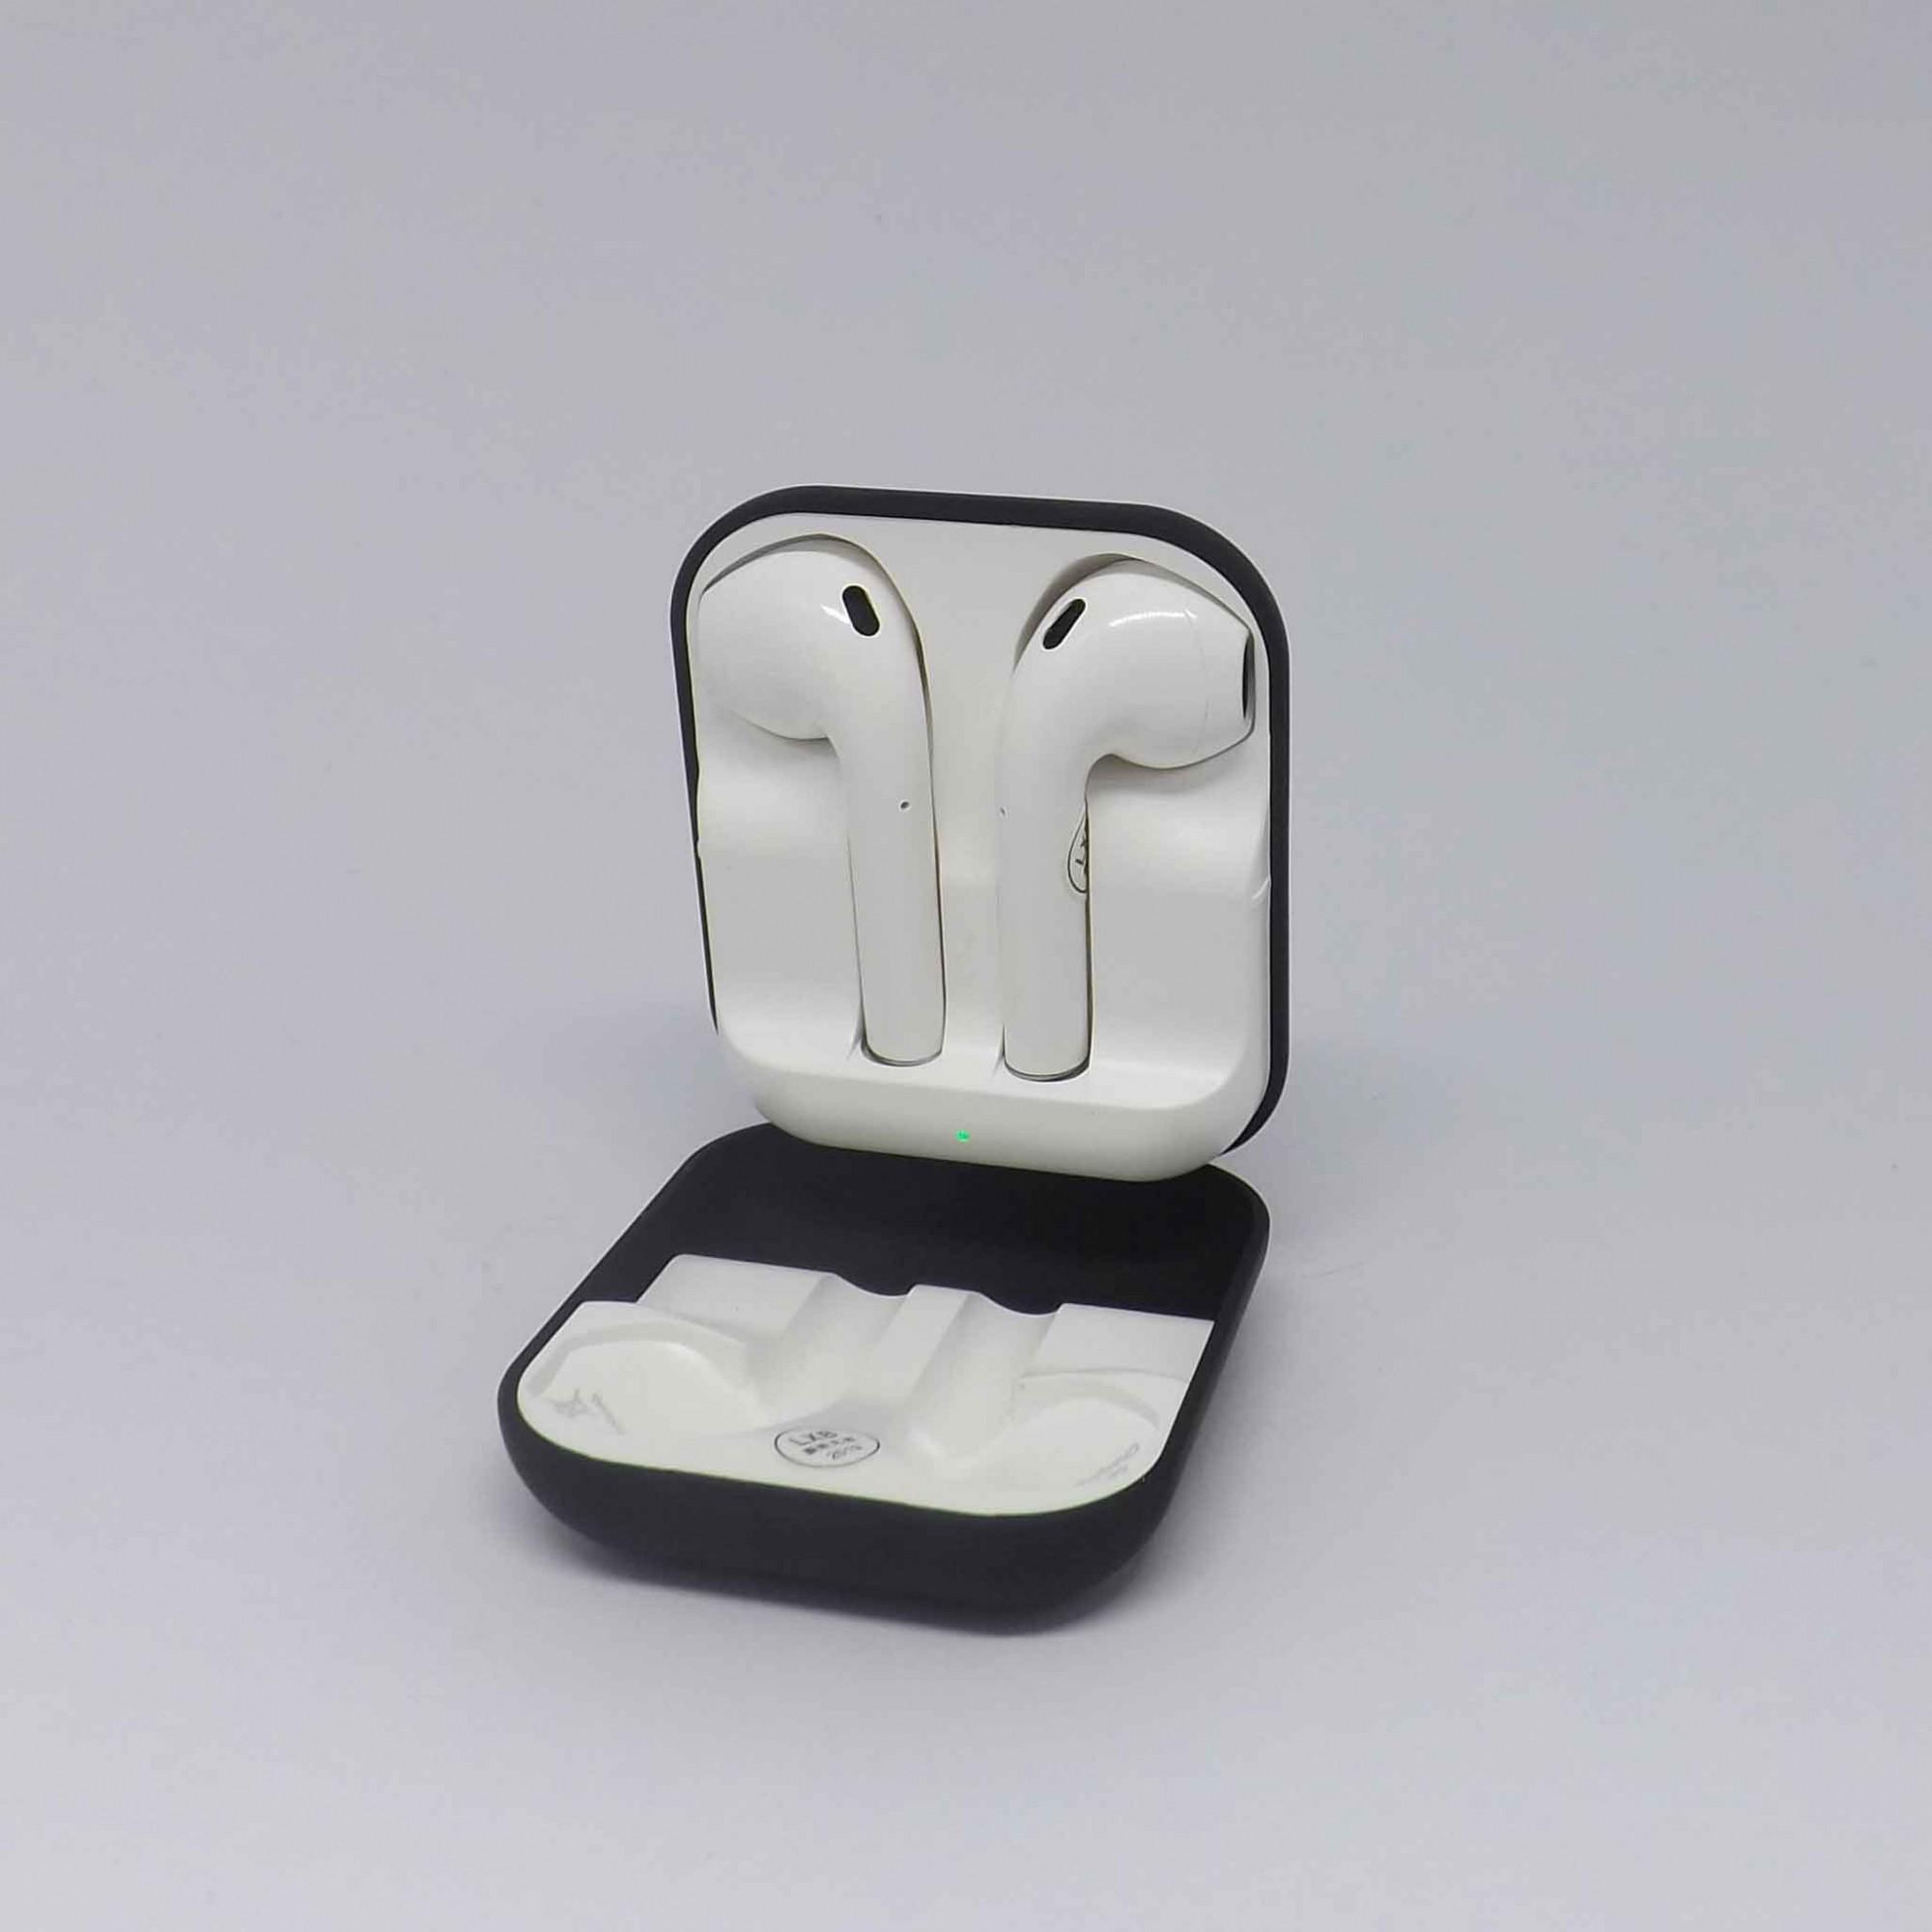 Fone de Ouvido Bluetooth i300